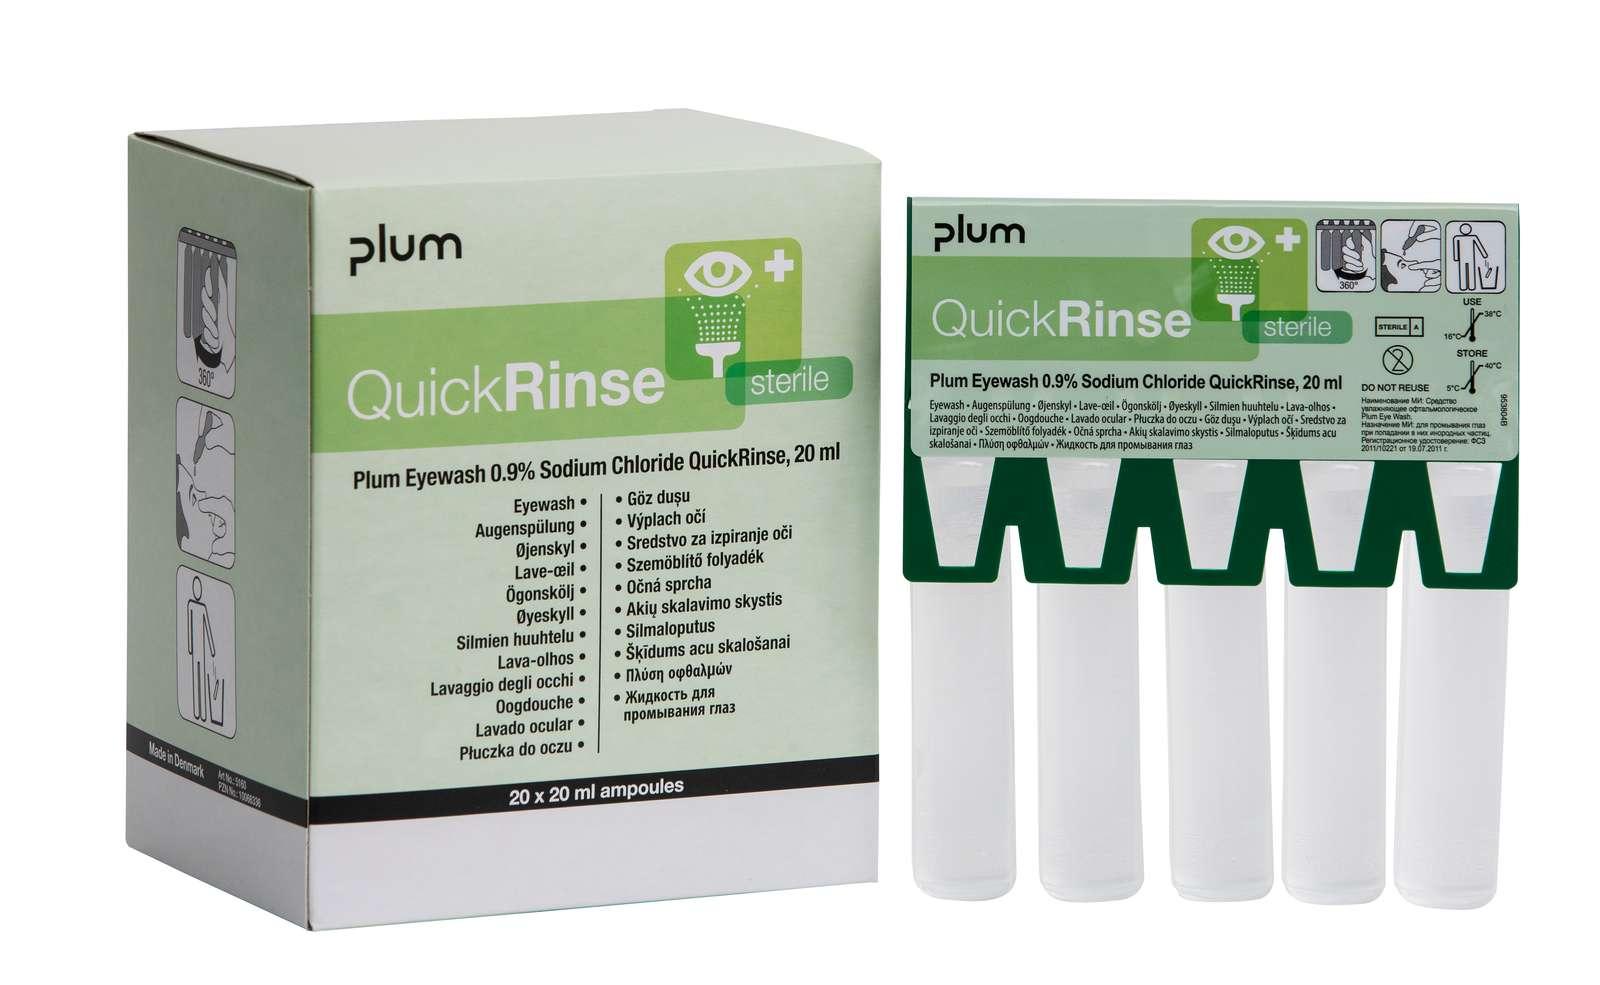 QuickRinse Augenspülampullen 20 ml, Packung â 5 Ampullen